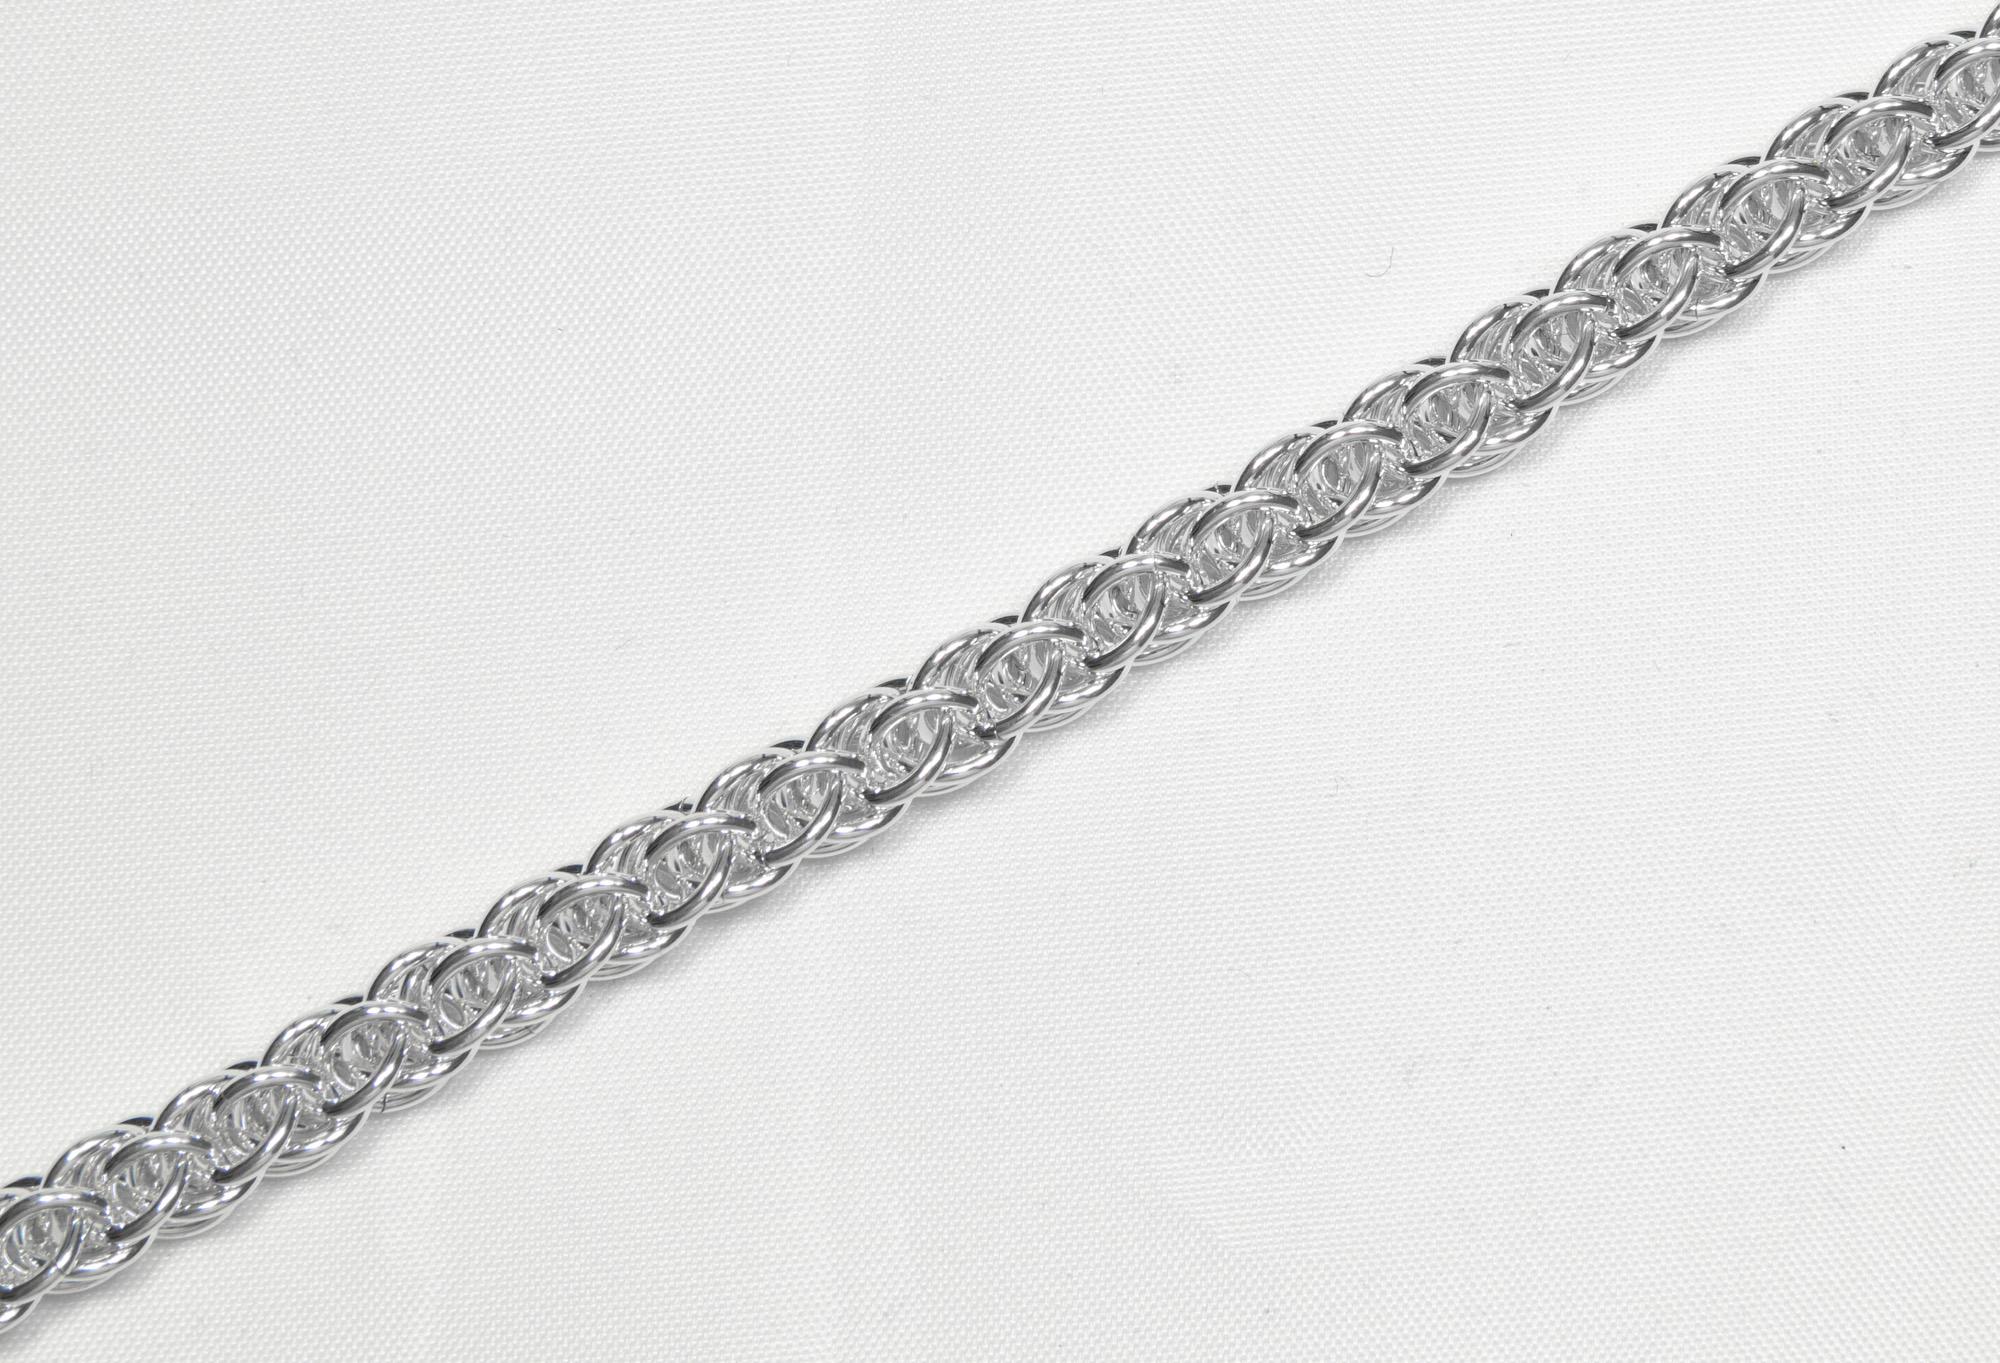 Vår - armbånd sølv